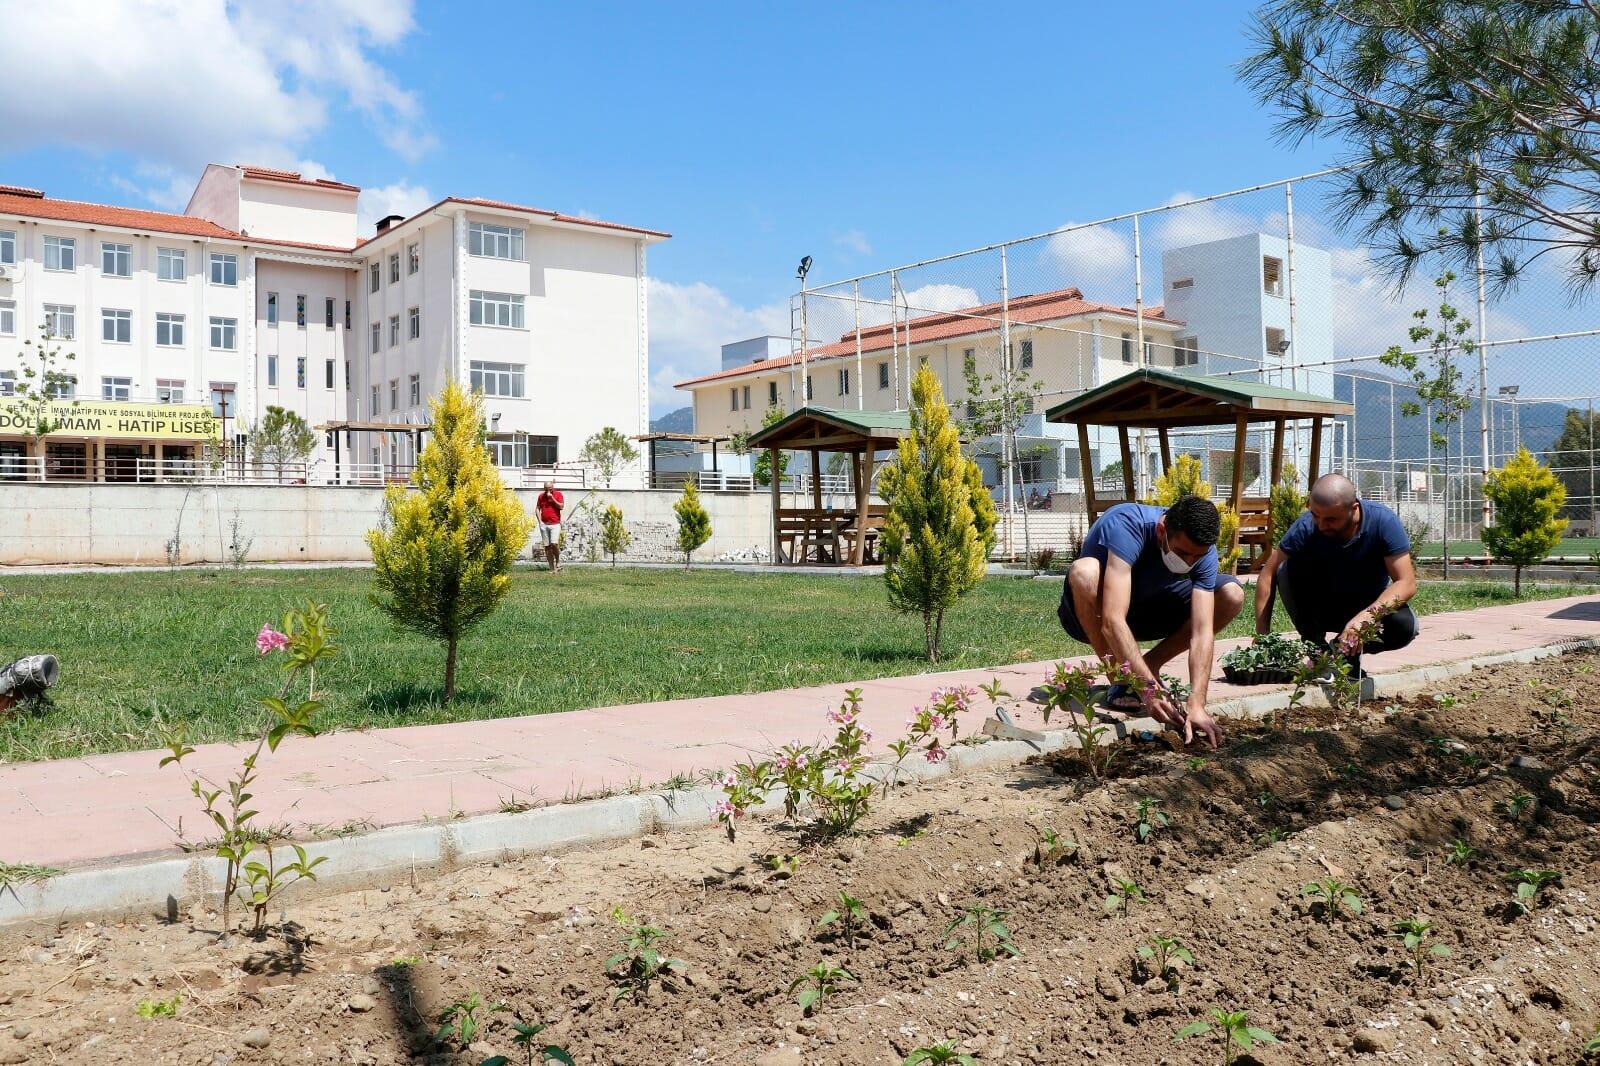 EWso8 XUEAUdU8V - ضباط أتراك يرمّمون المدرسة التي قضوا فيها فترة الحجر الصحي